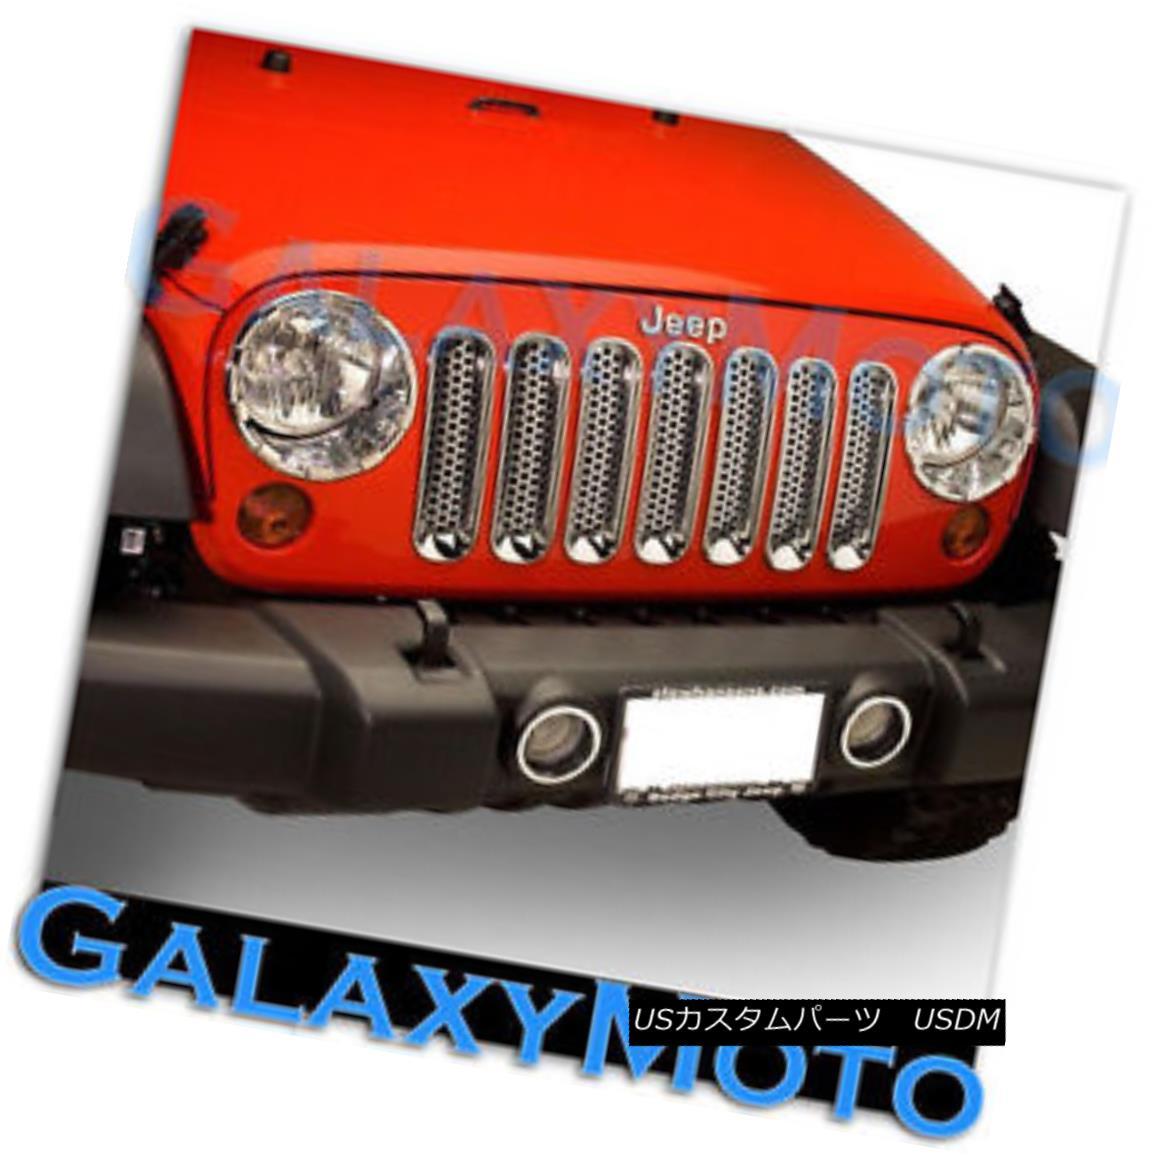 グリル Chrome Headlight+Front Mesh hole Grille Trim Insert Cover for 07-16 JK Wrangler クロームヘッドライト+フロン tメッシュホール07-16 JKラングラー用グリルトリムインサートカバー